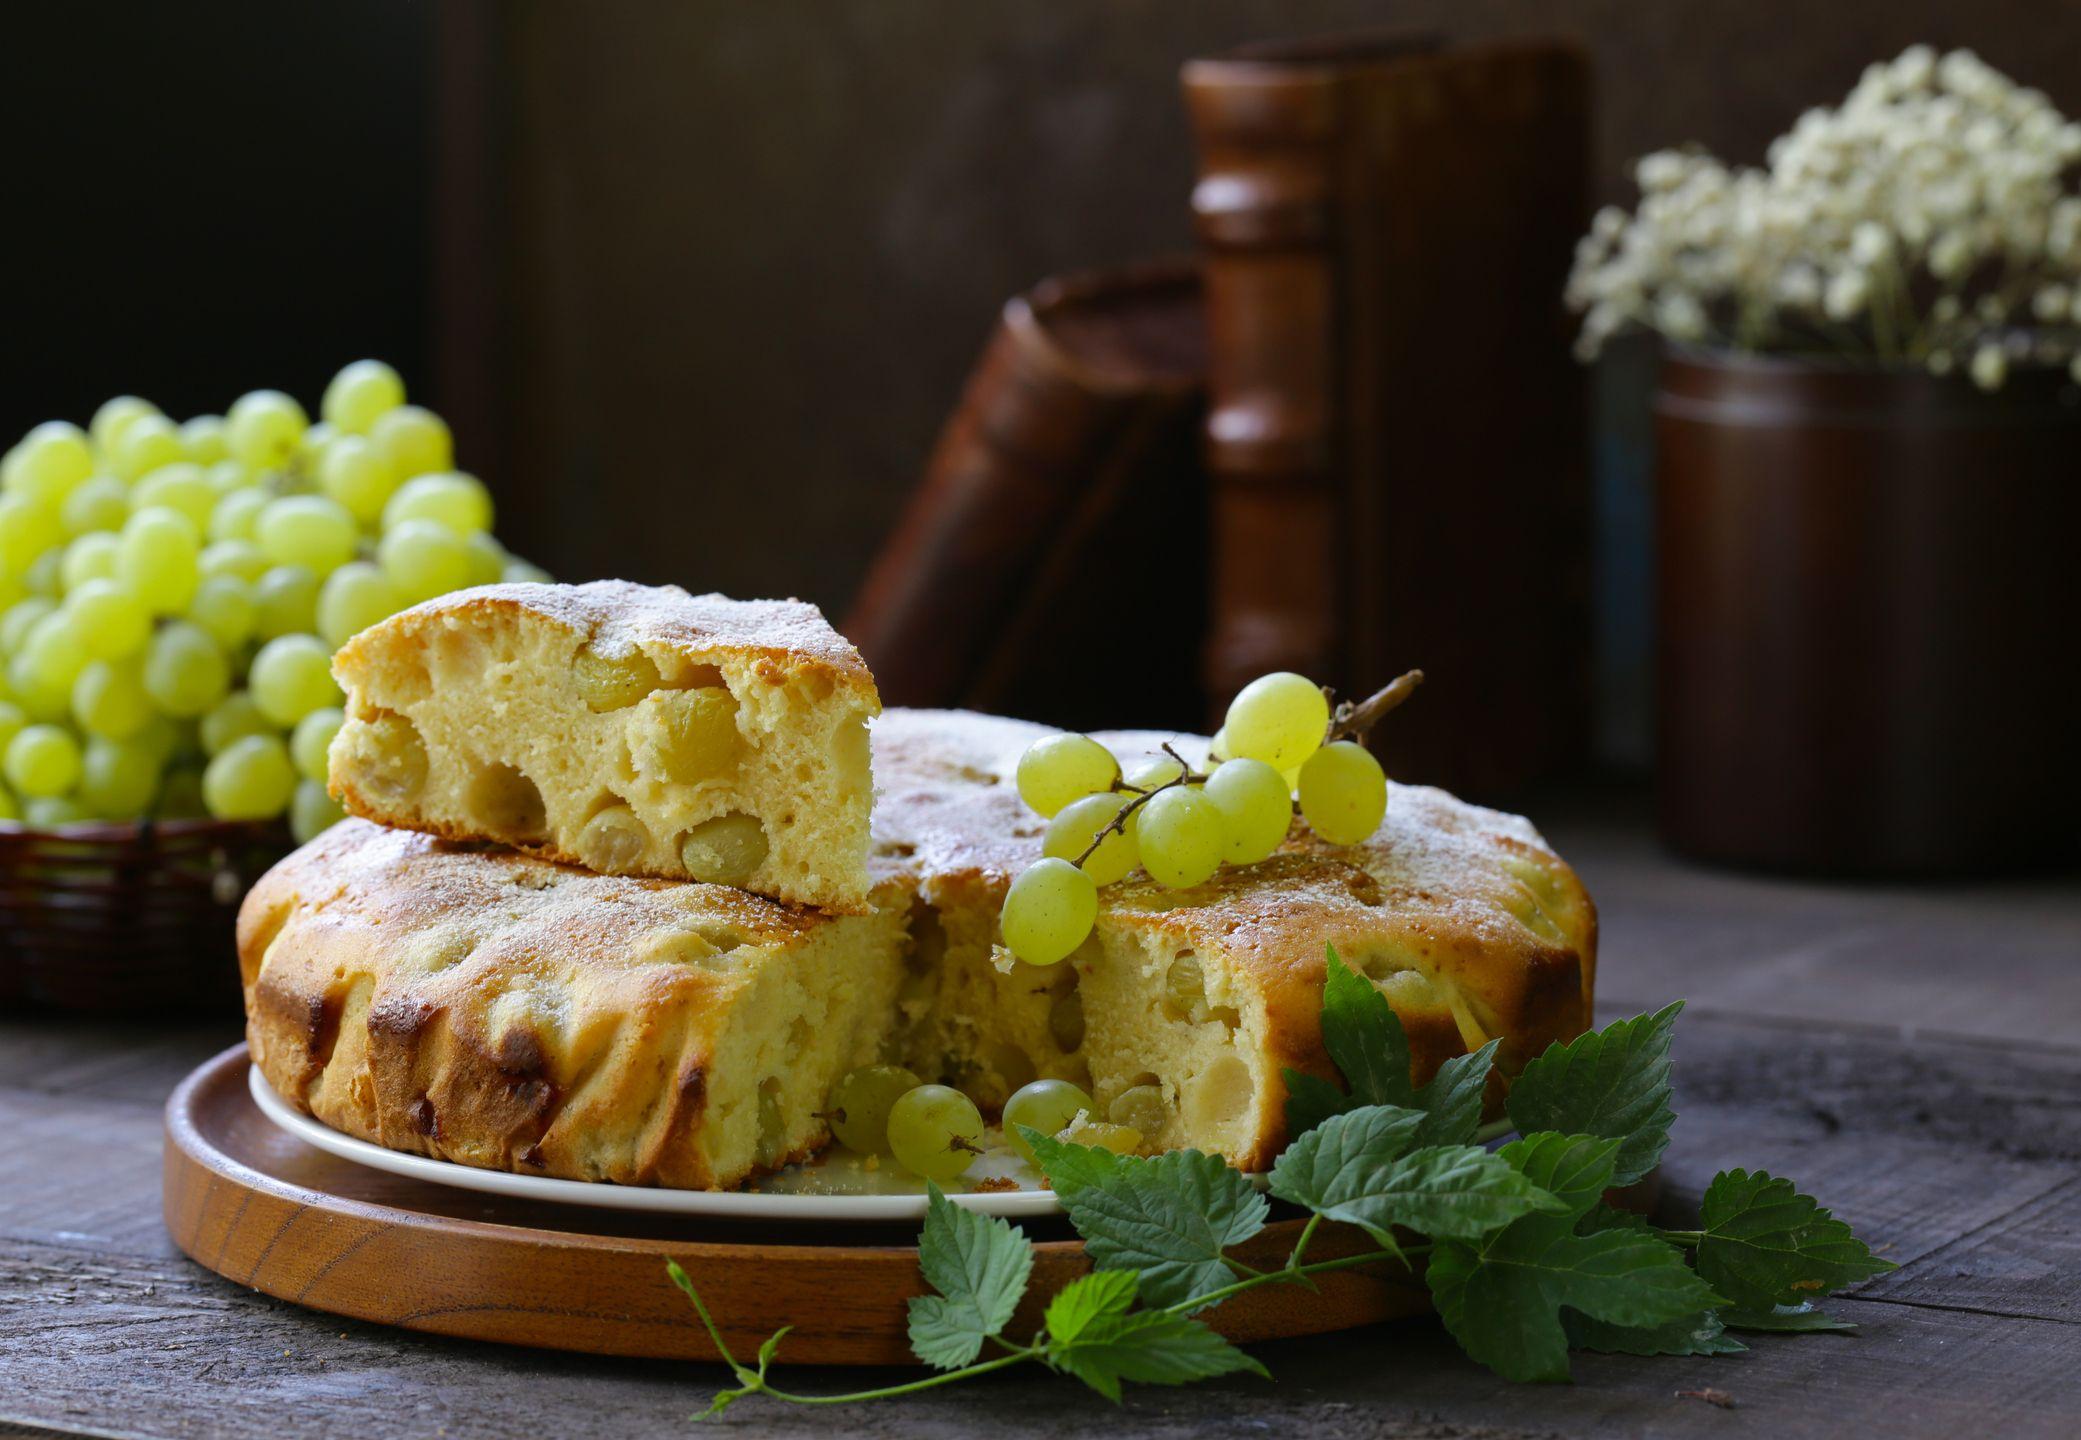 Una soffice torta nuvola all'uva da tuffare in una tazza di tè caldo (e la vita torna a sorridere)